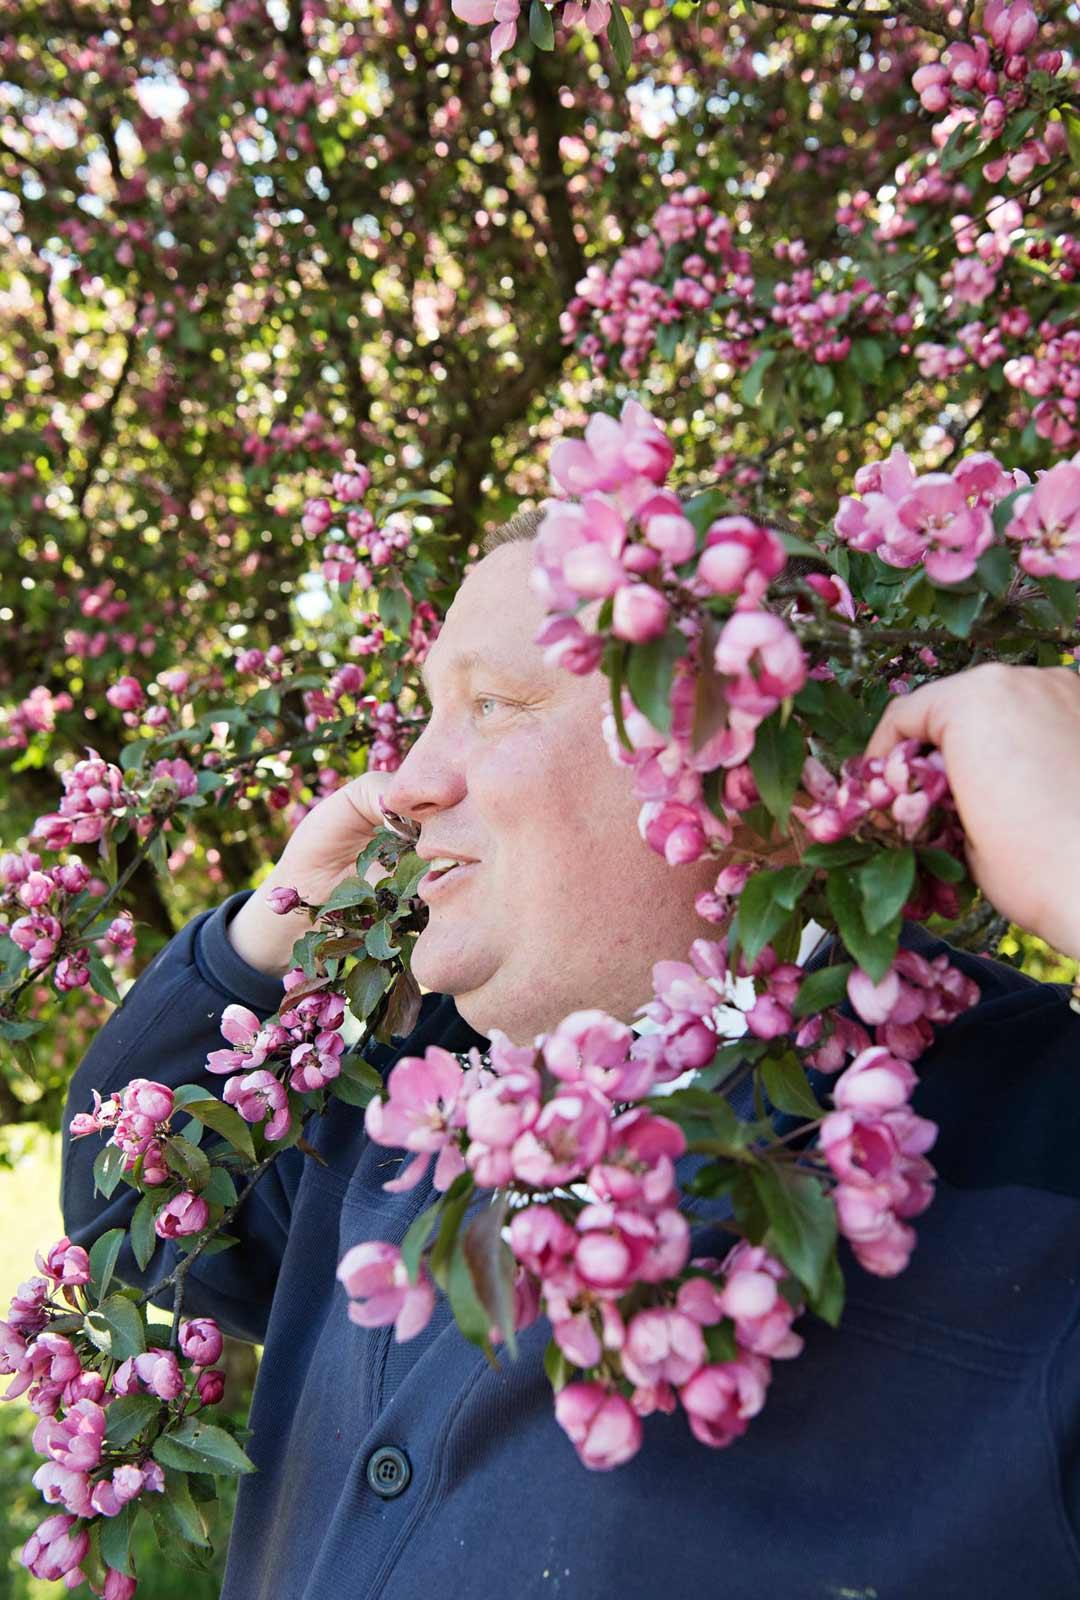 Kevään kukkein aika on Suomessa lyhyt – ja silloin siitä pitää nauttia!